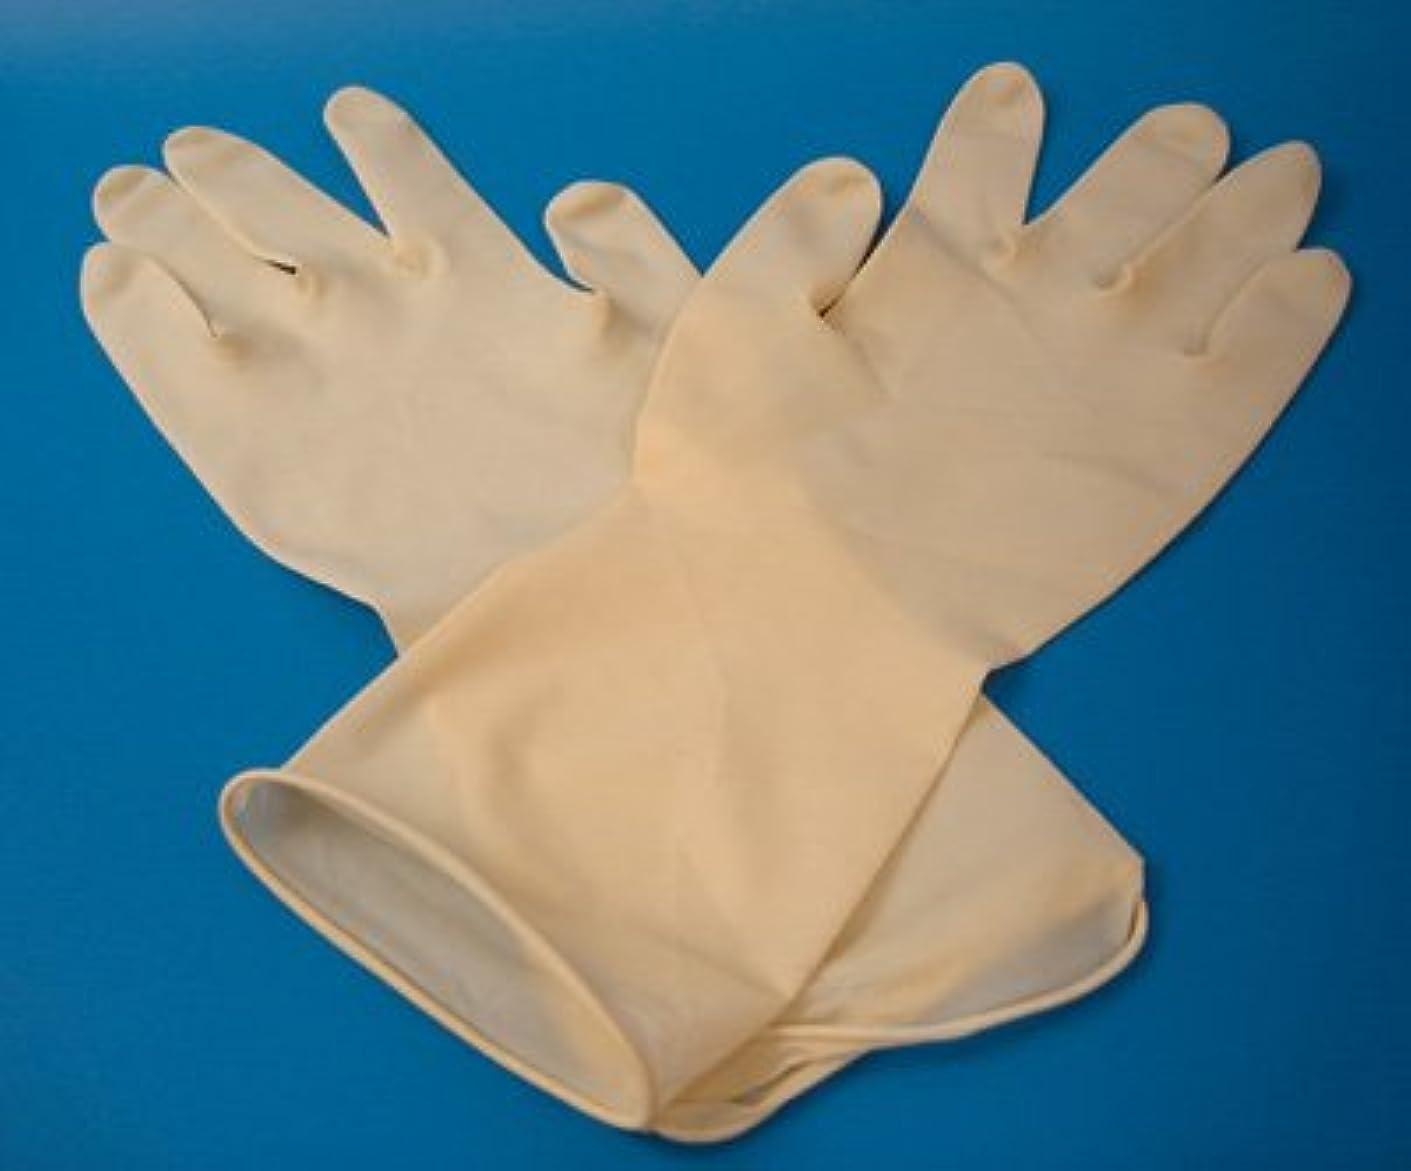 事業スペイン語急速なカラーリング用 ゴム手袋